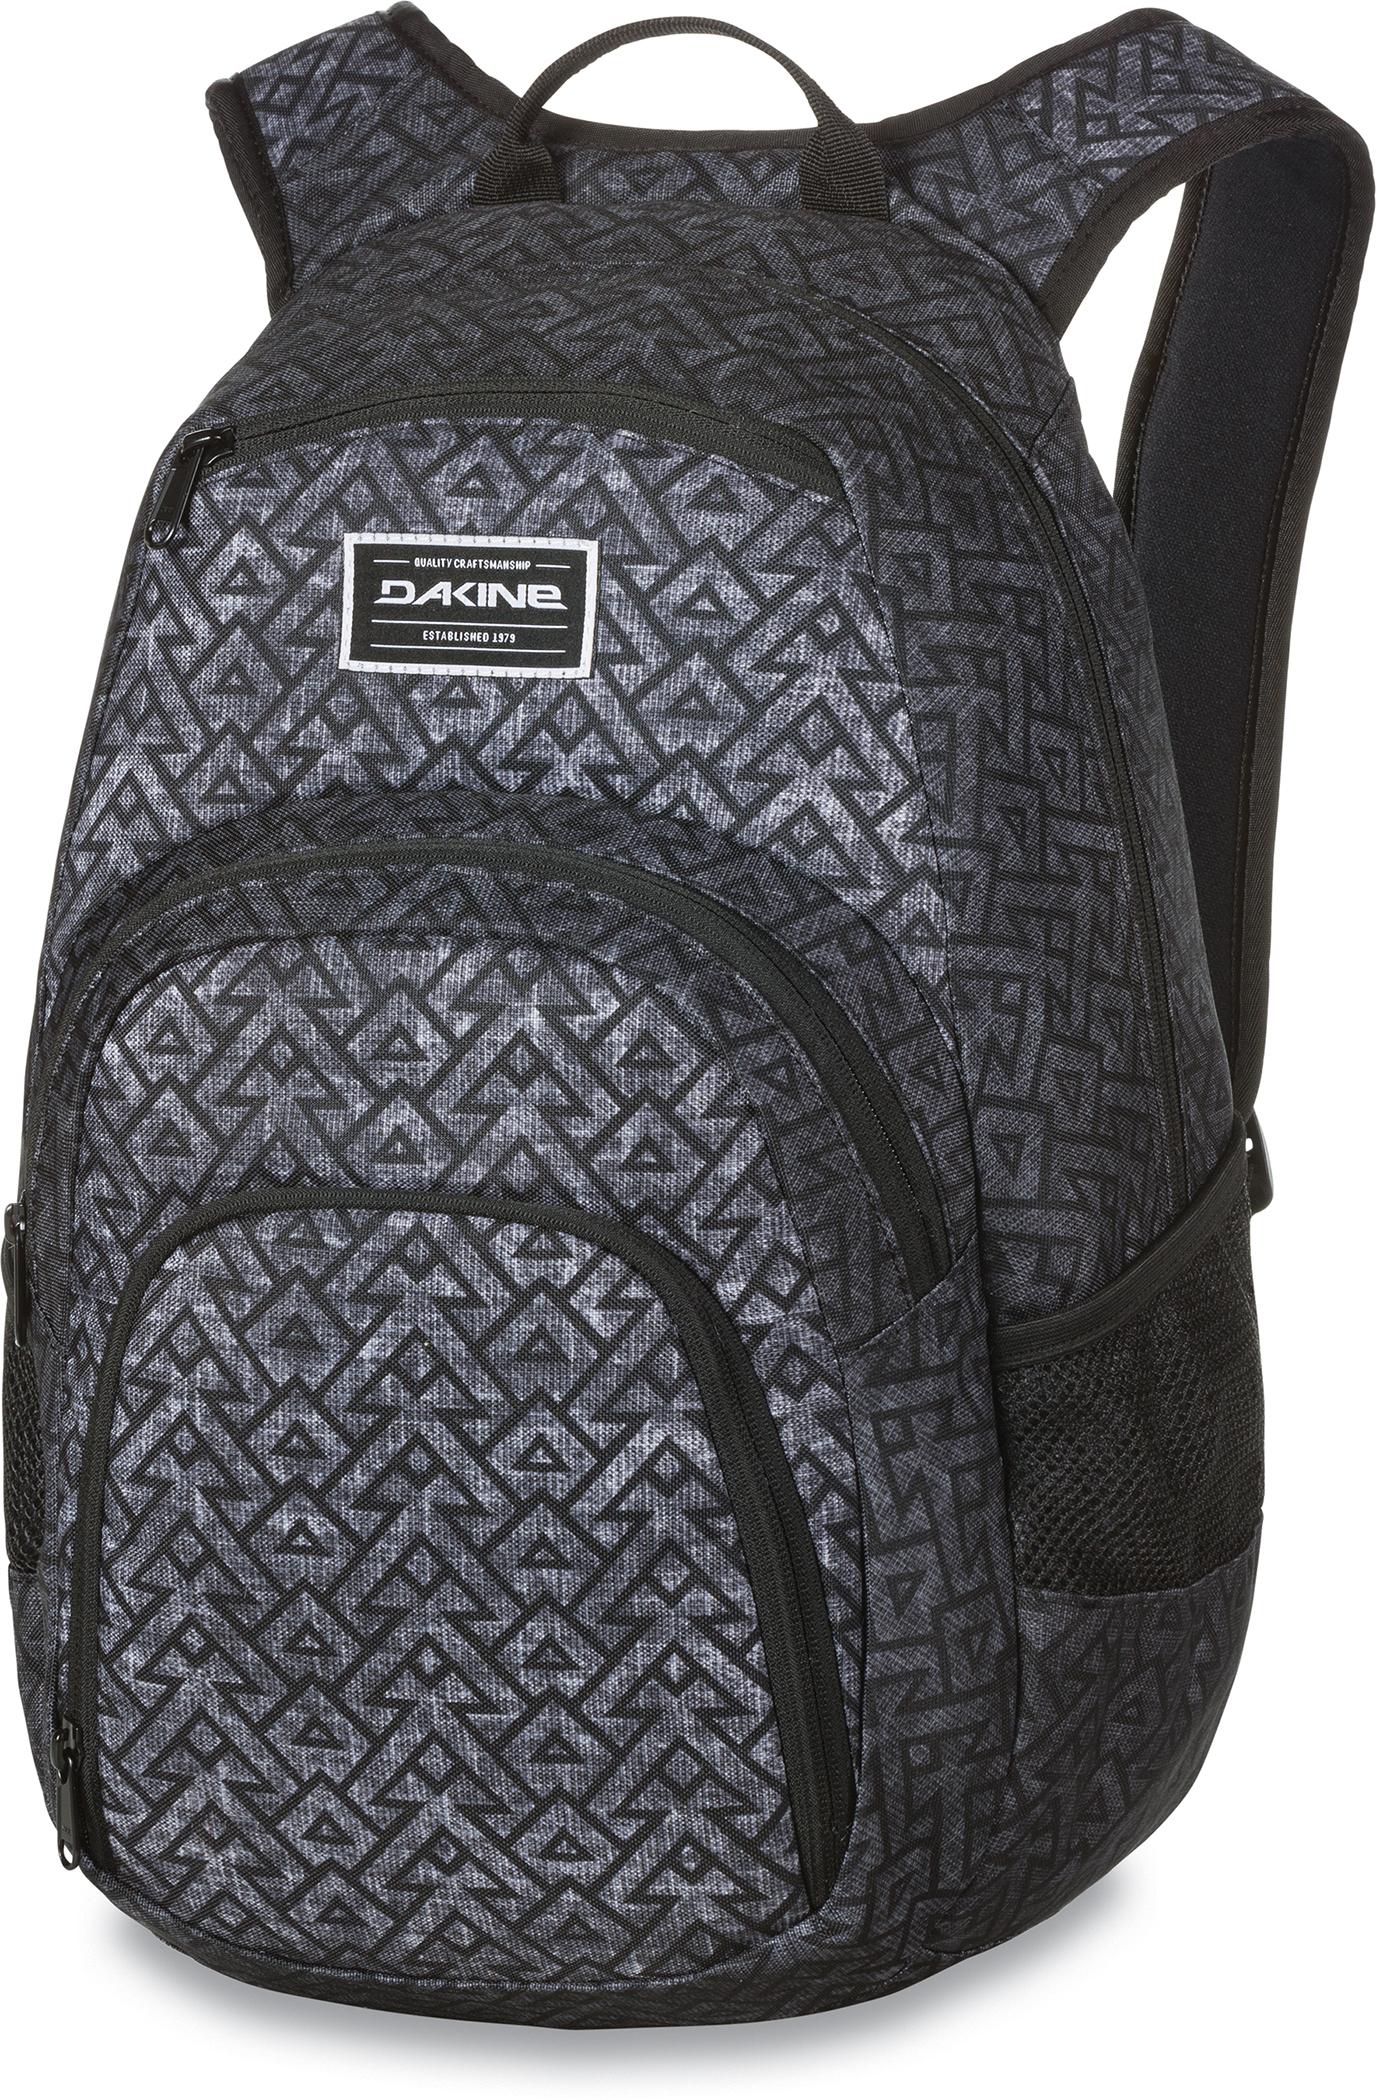 Cestovní taška Dakine Campus 25L Stacked 0b3464fca7